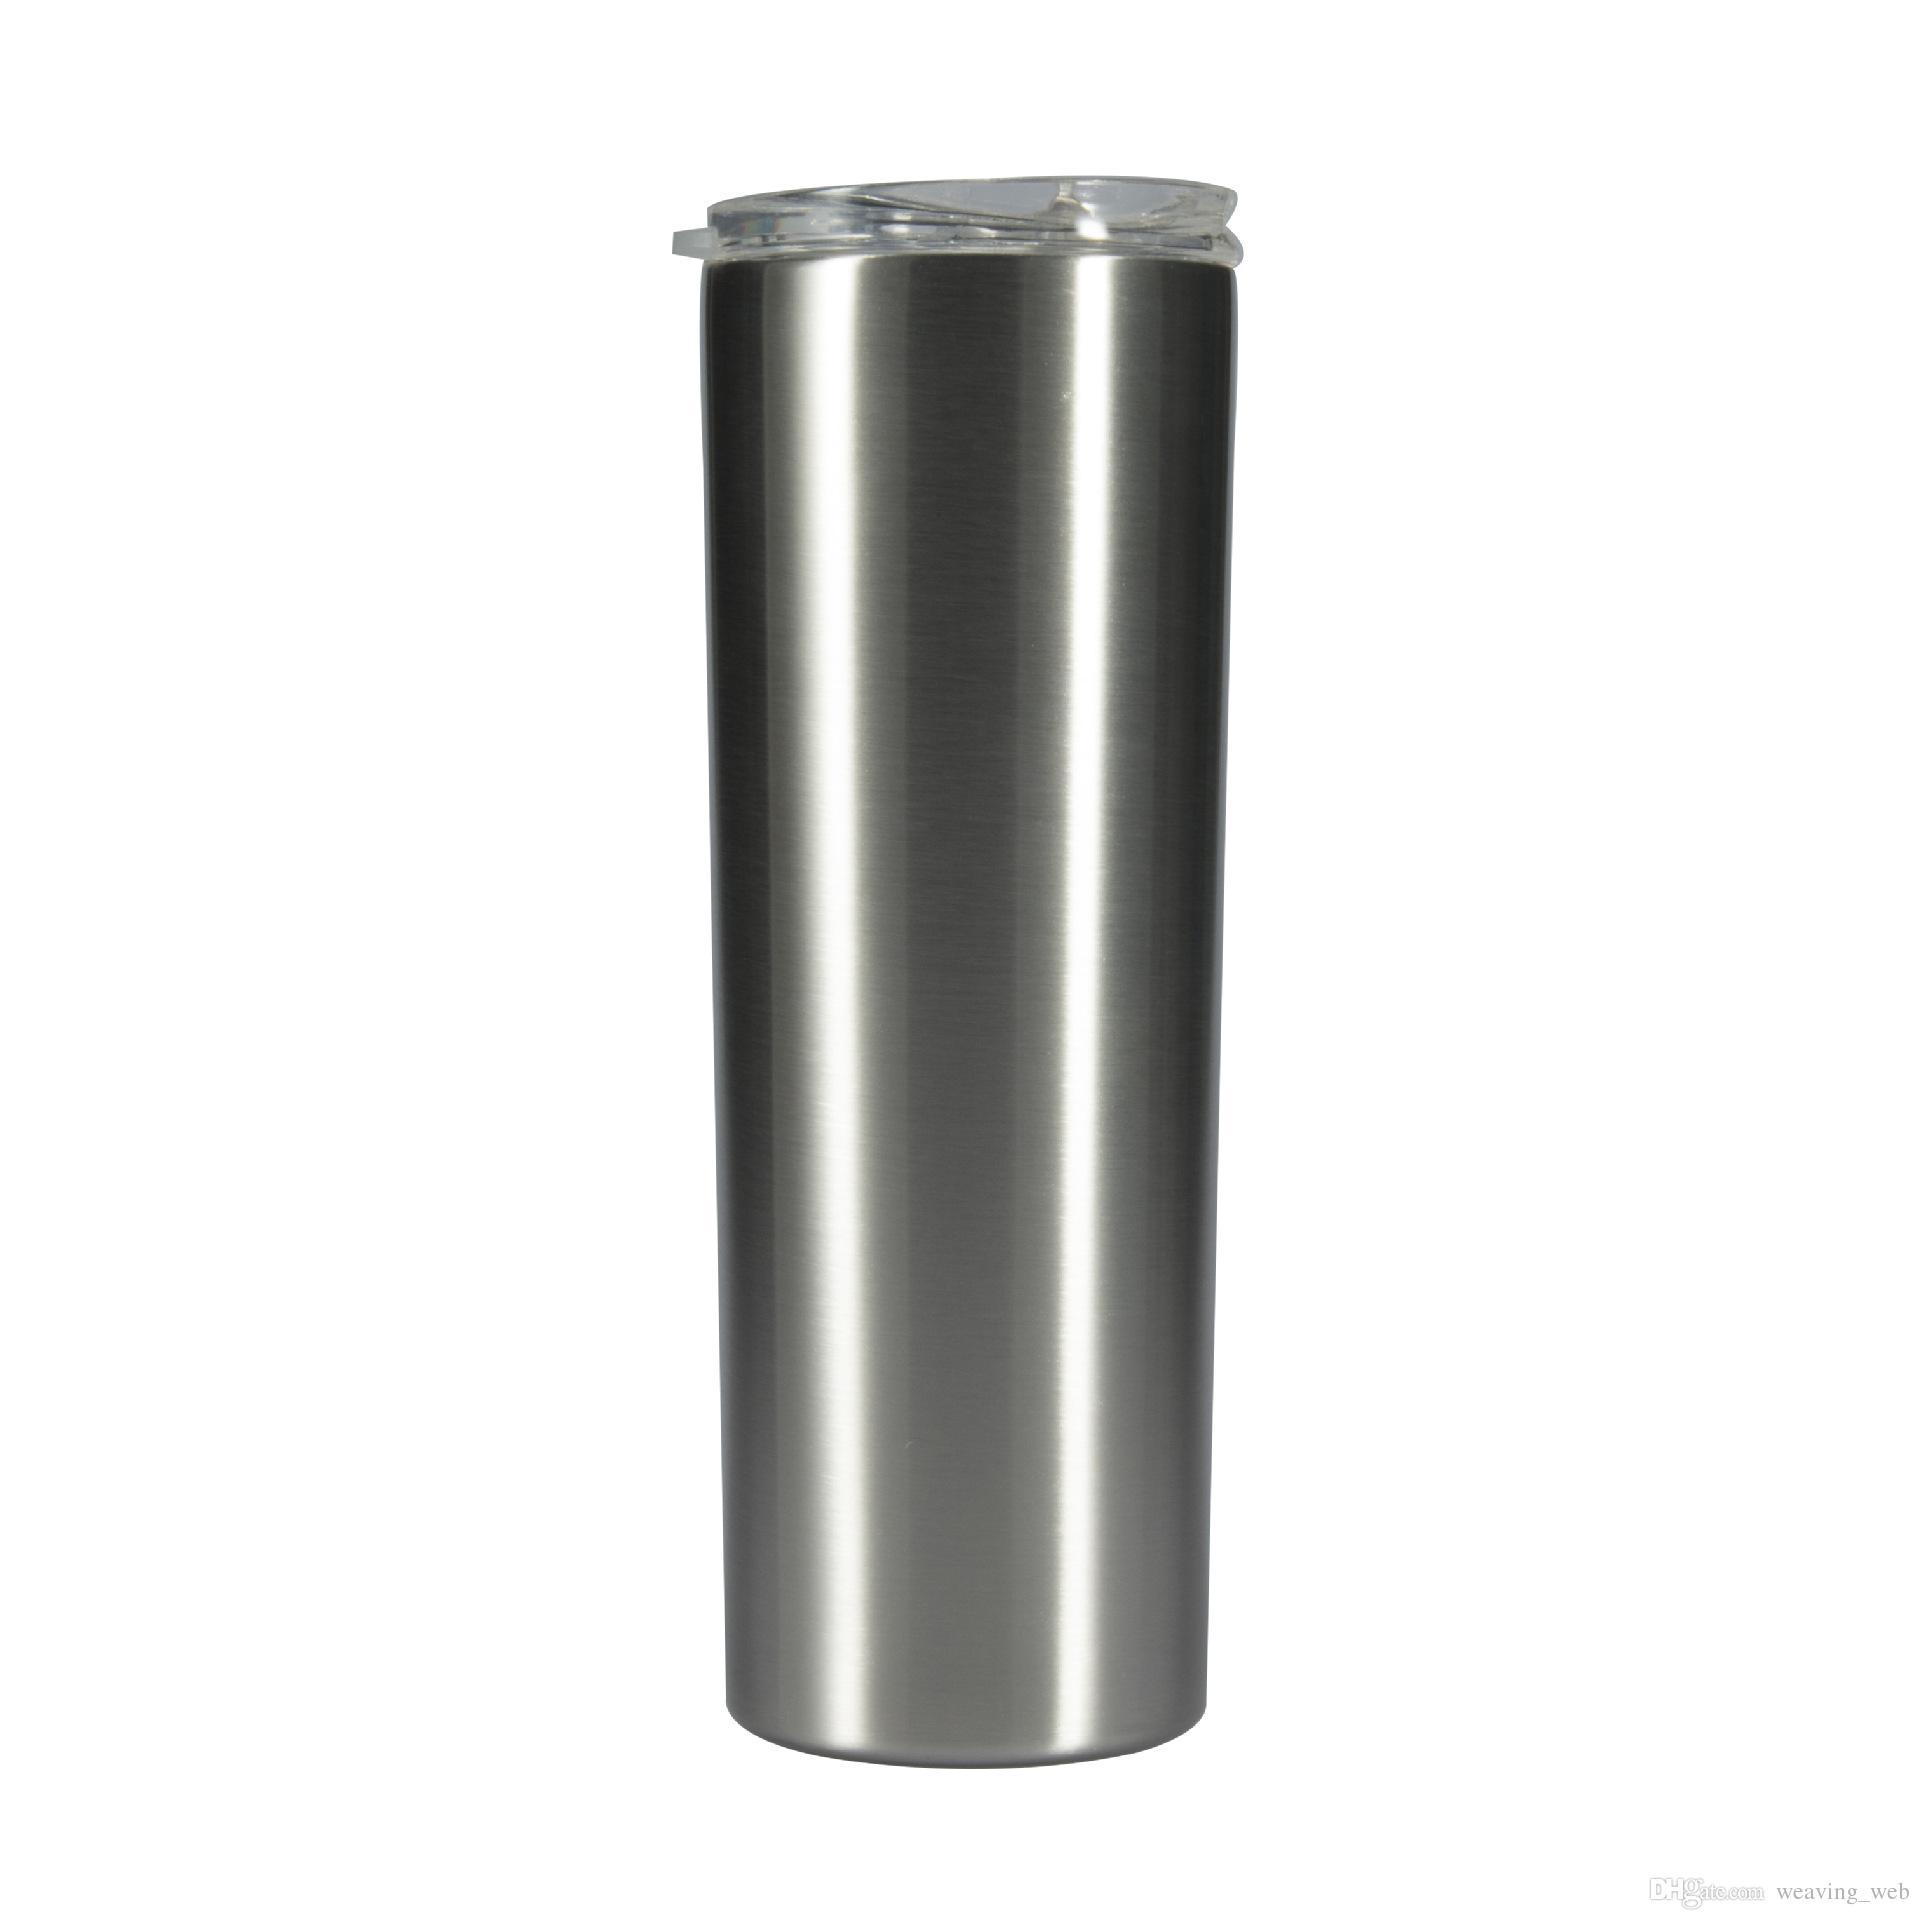 15 ons skinny drinkware kapaklı 304 paslanmaz çelik çift duvarlar vakum bardak ücretsiz kargo su kavanoz